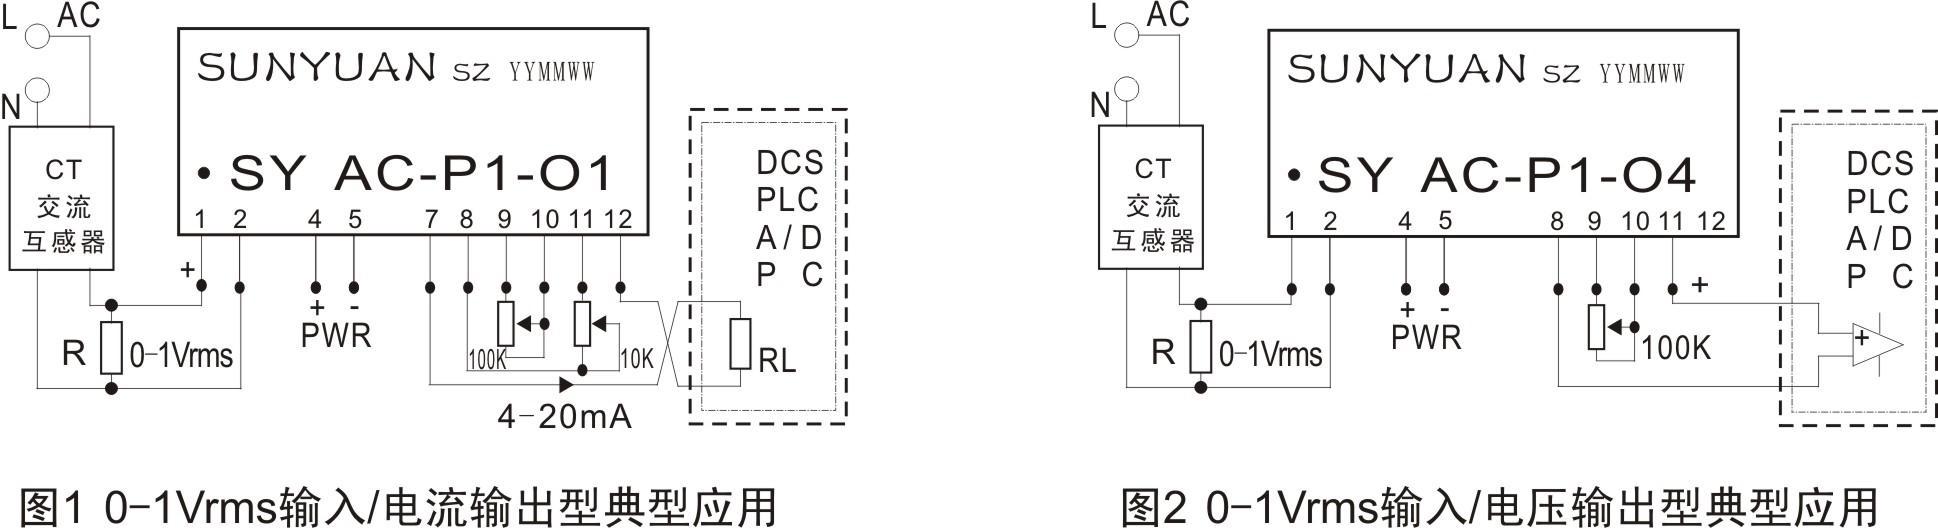 工频信号|工频信号转换|工频信号测量|交流信号测量